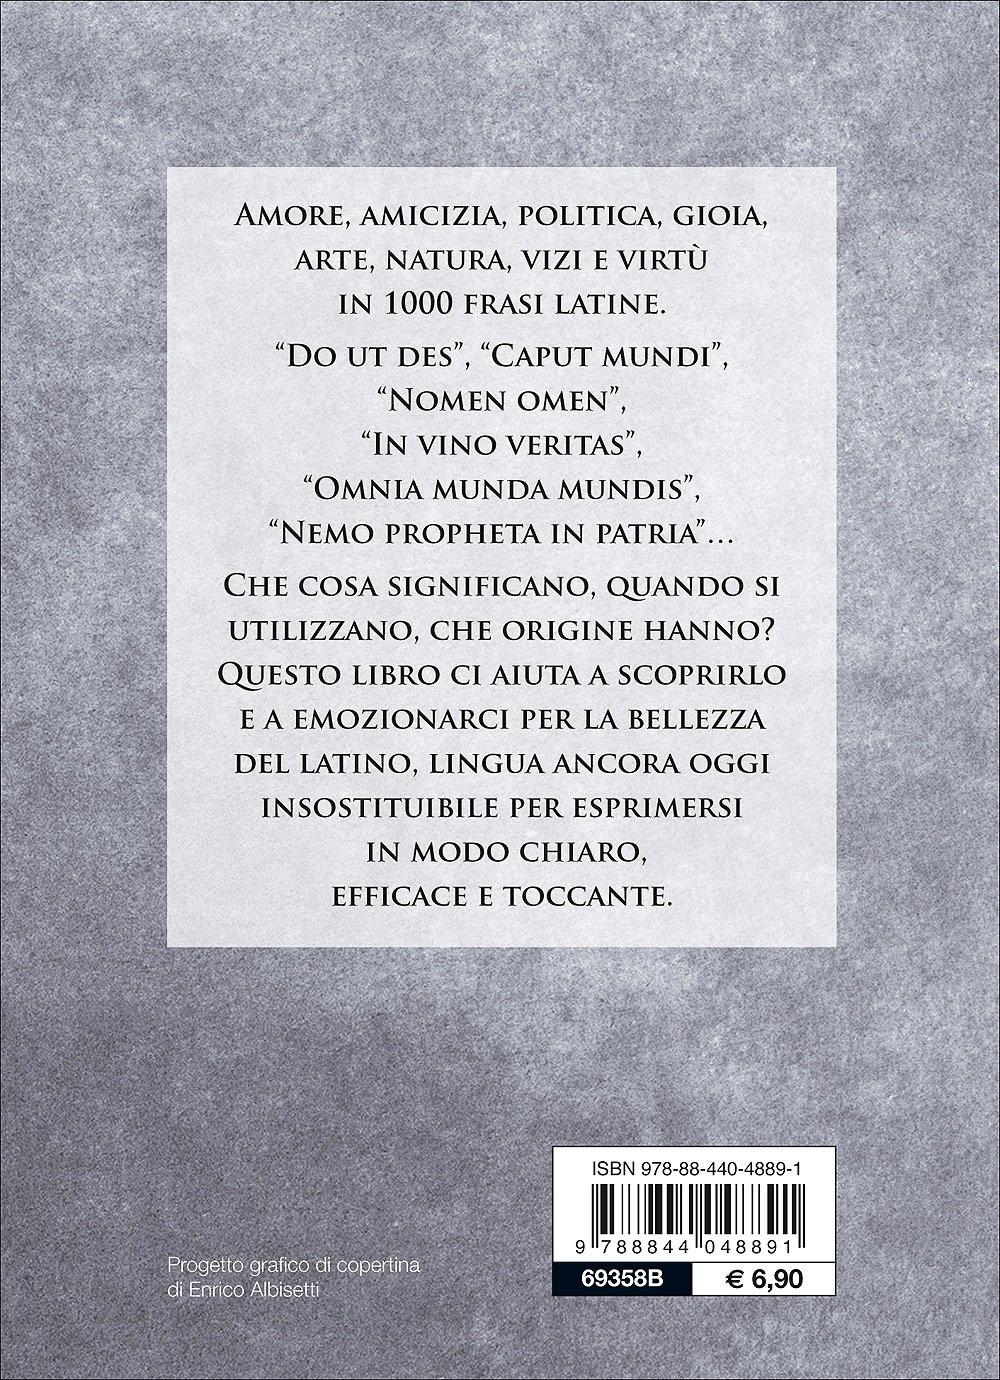 Frasi Latine Amore